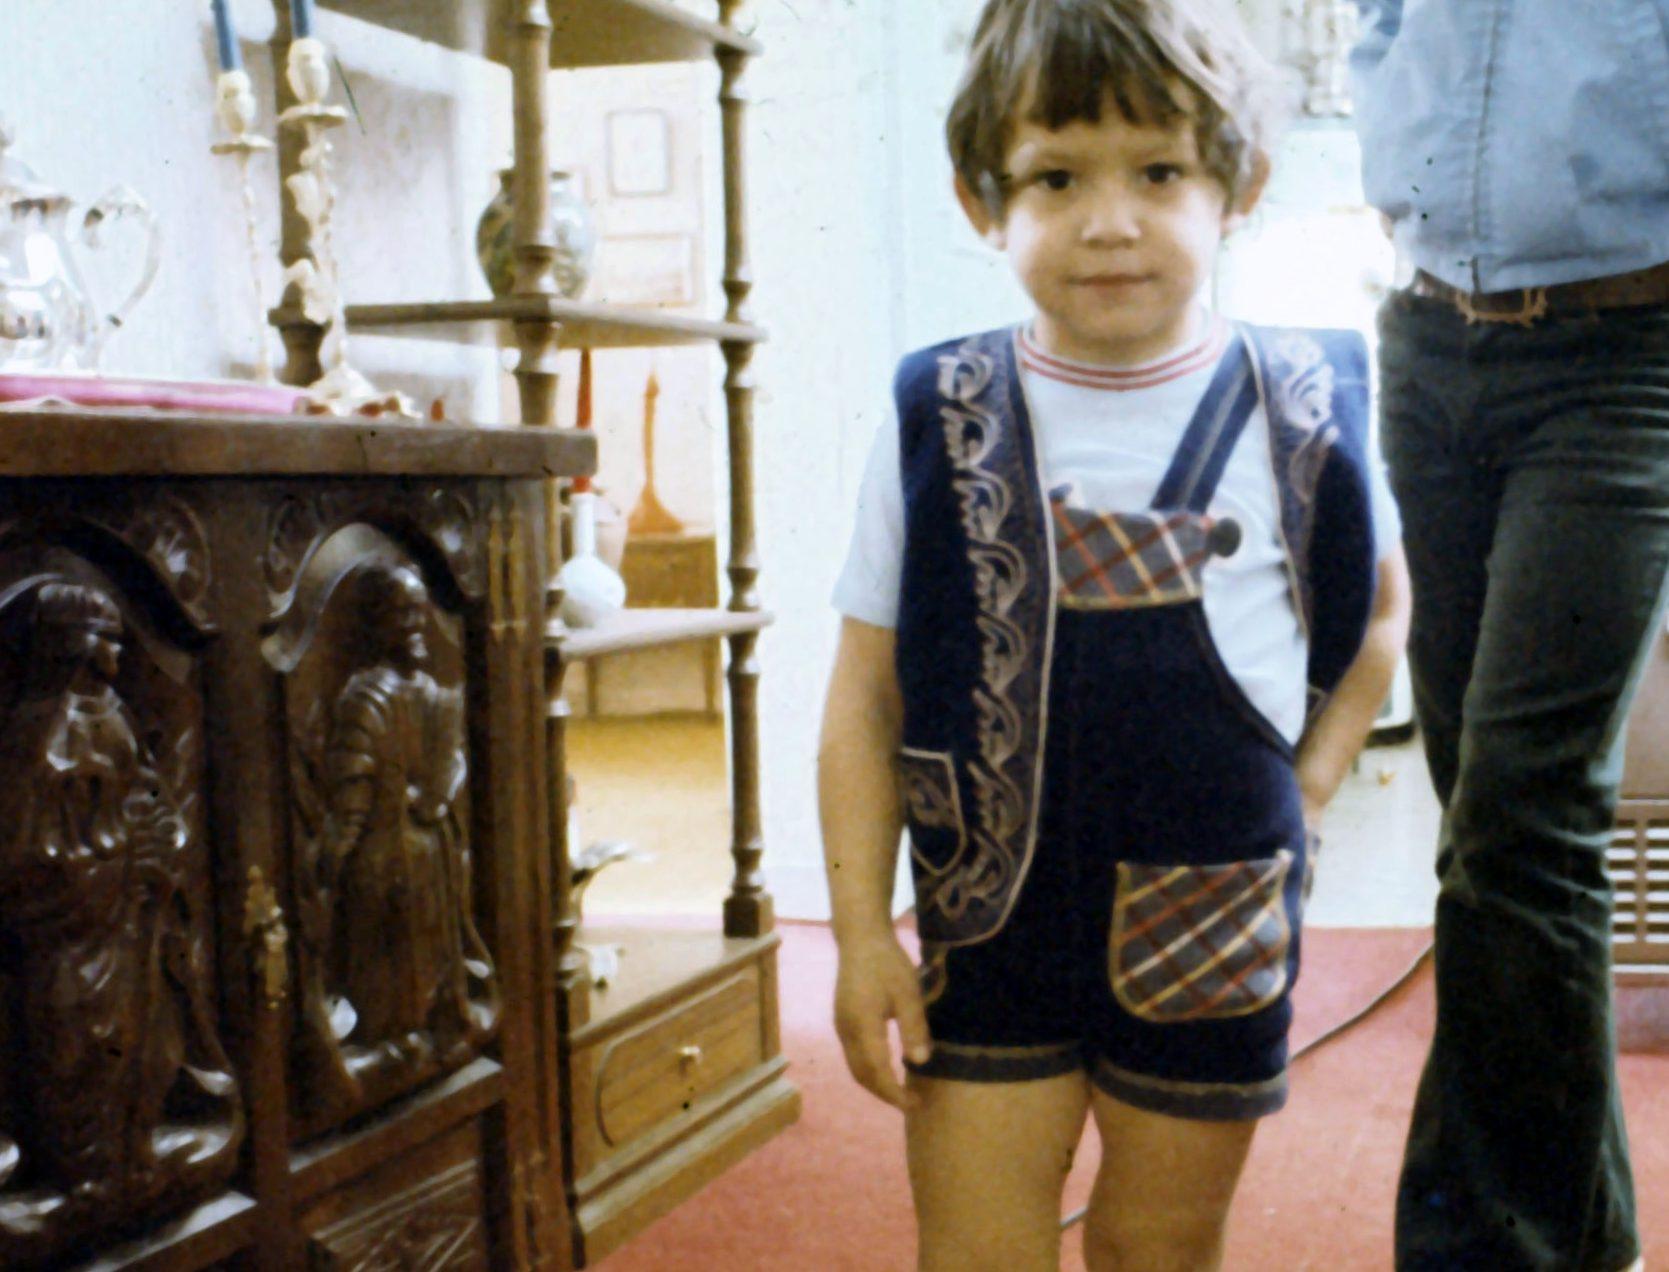 4 year old Mike (1976) in Tehran, Iran